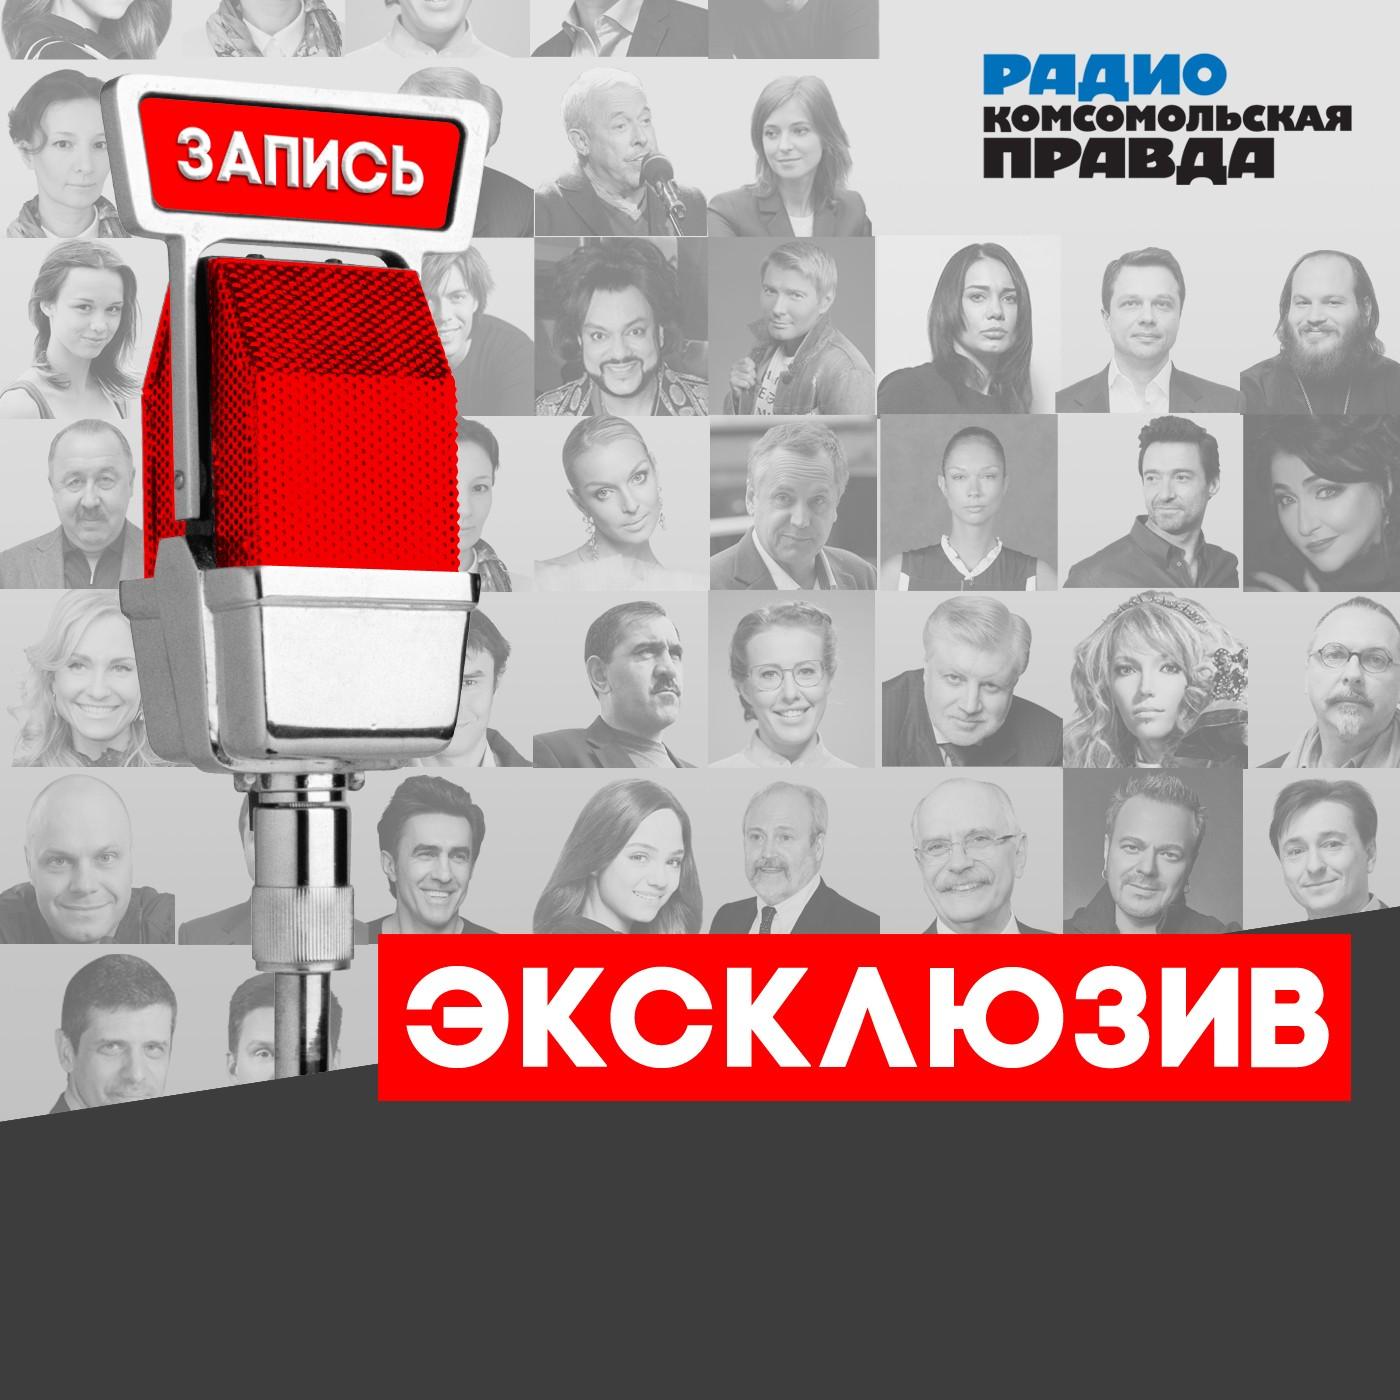 Радио «Комсомольская правда» Курс на успех: какие проекты и конкурсы помогают реализоваться талантам в России